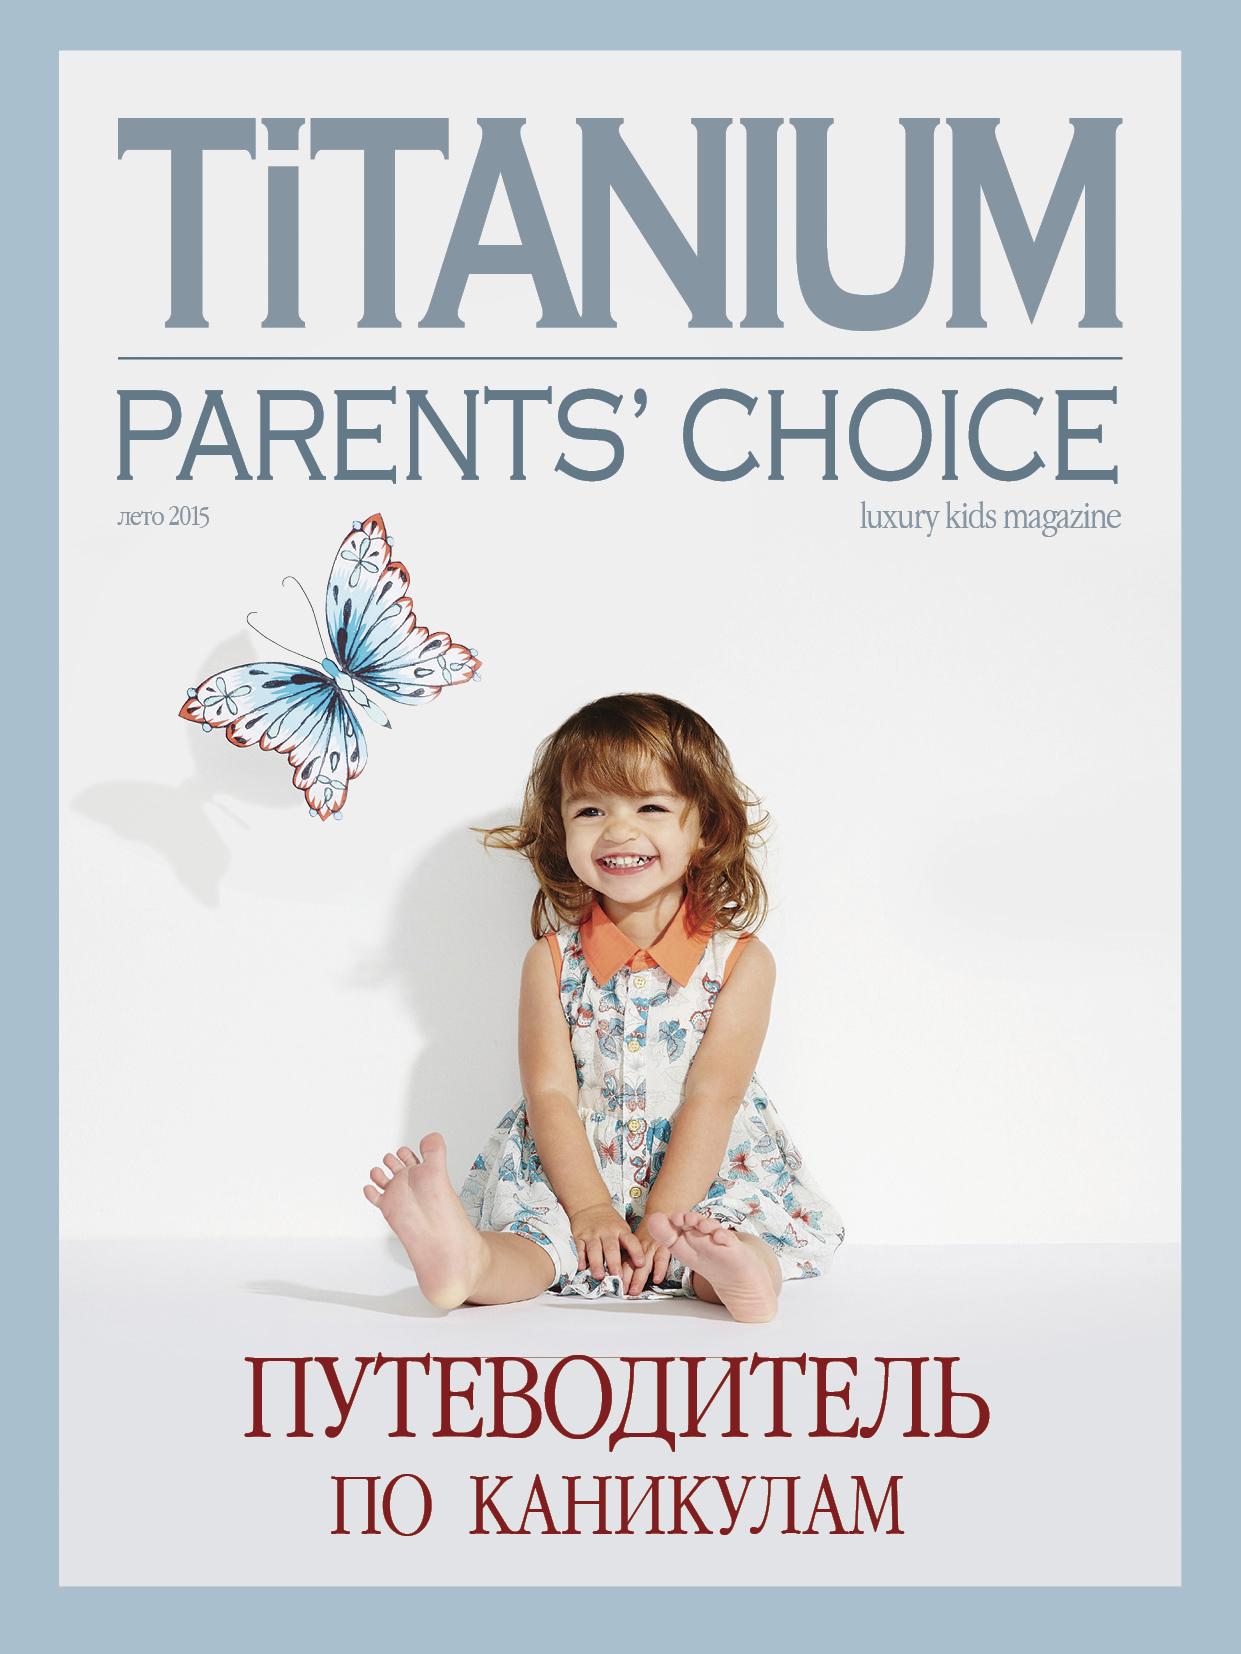 Titanium_cover_32_deti